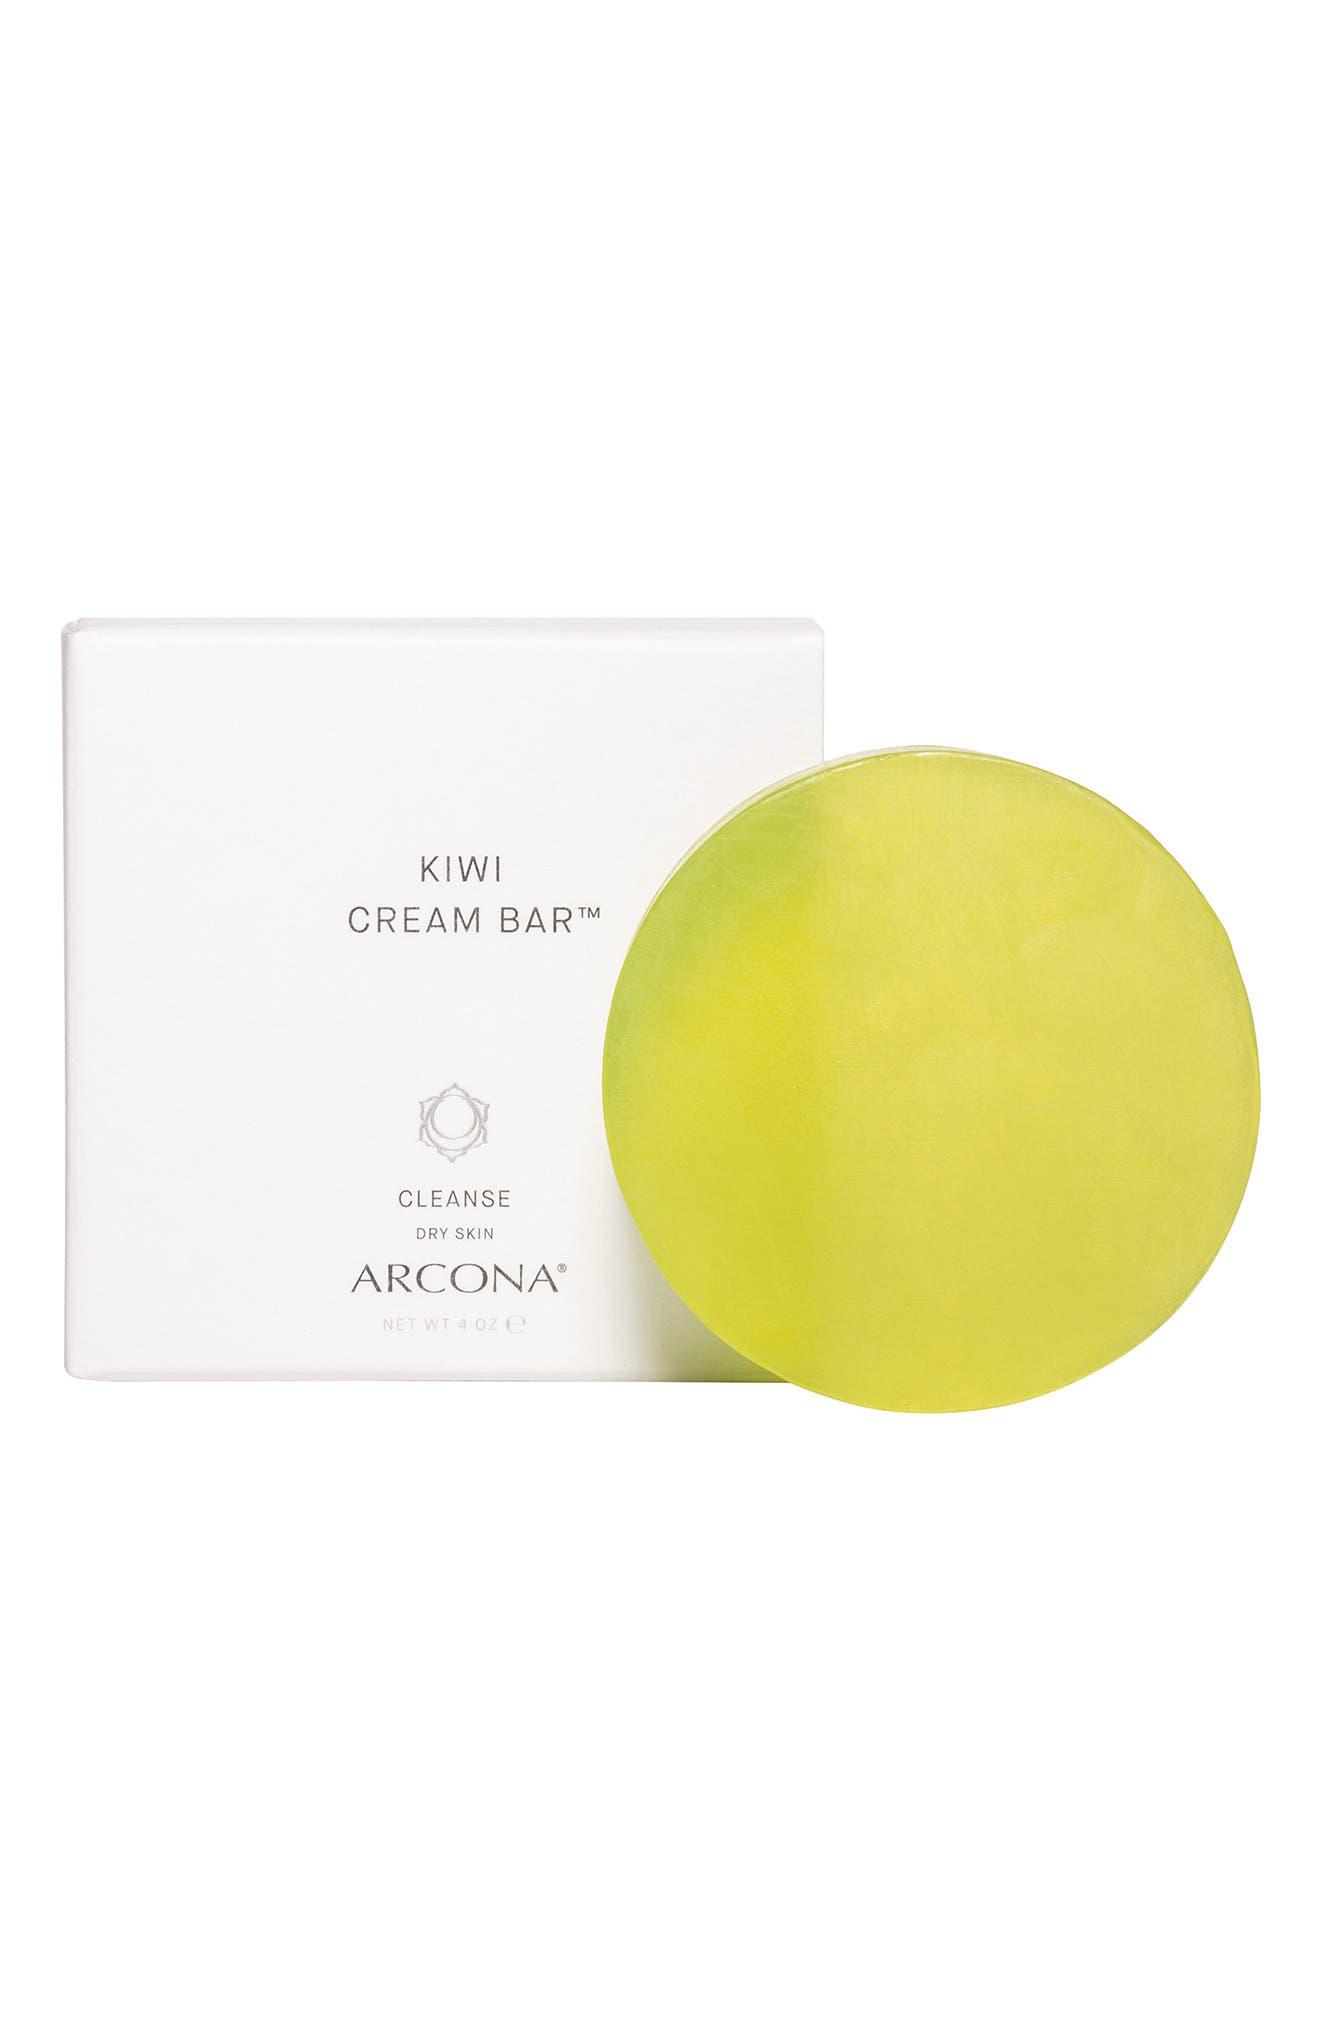 Kiwi Cream Bar Facial Cleanser